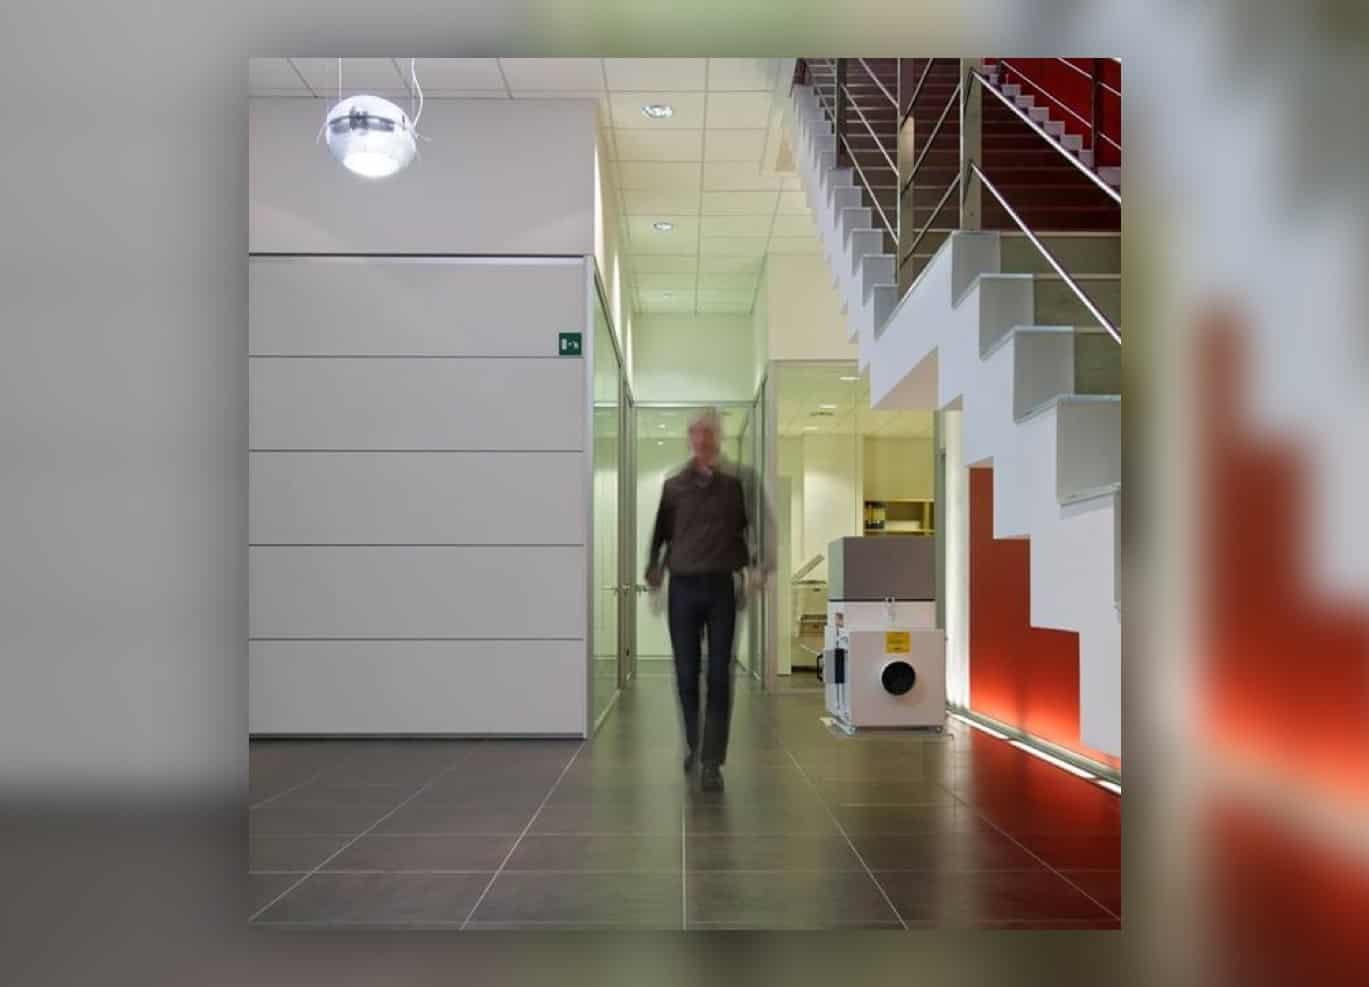 AR Filtrazioni | Presentazione corporate aziendale | Filtrazione nebbie oleose e fumi